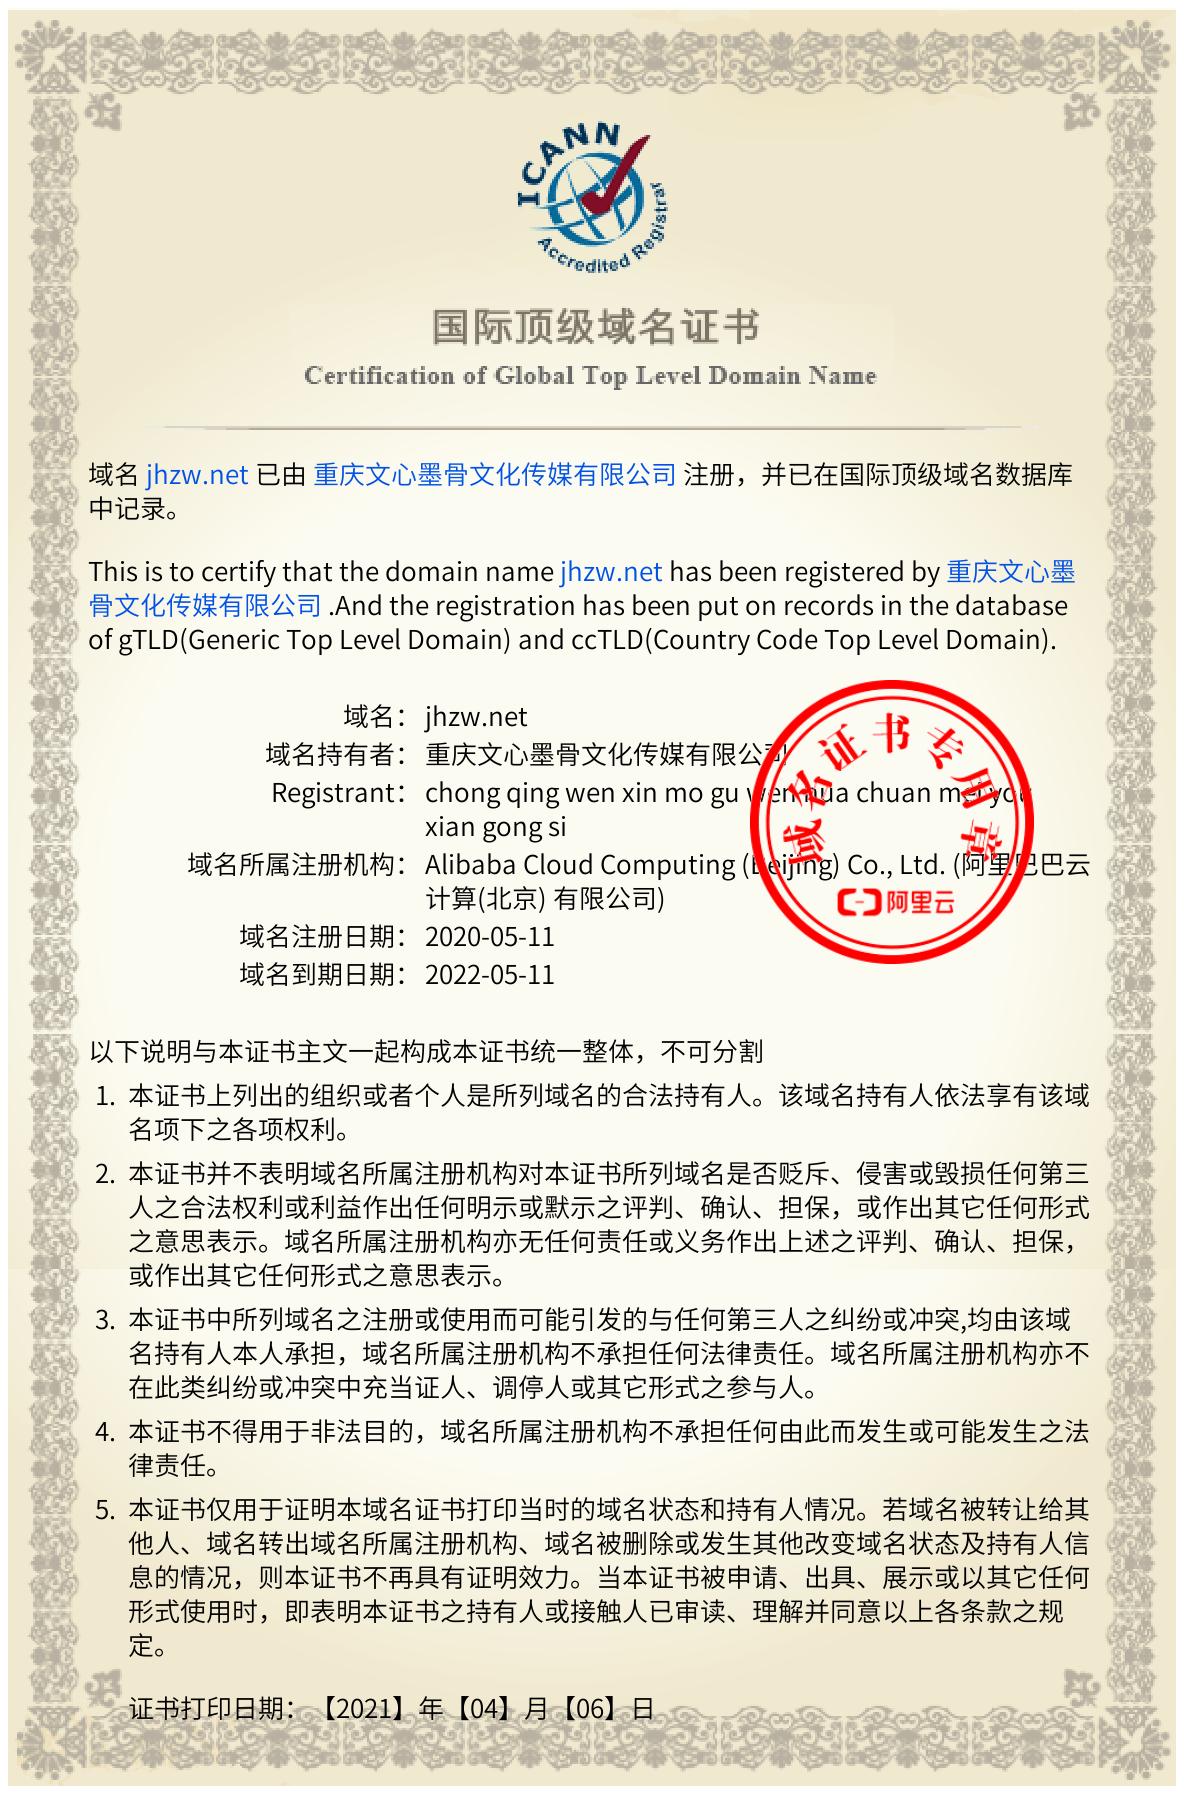 重庆文心墨骨文化传媒有限公司域名证书